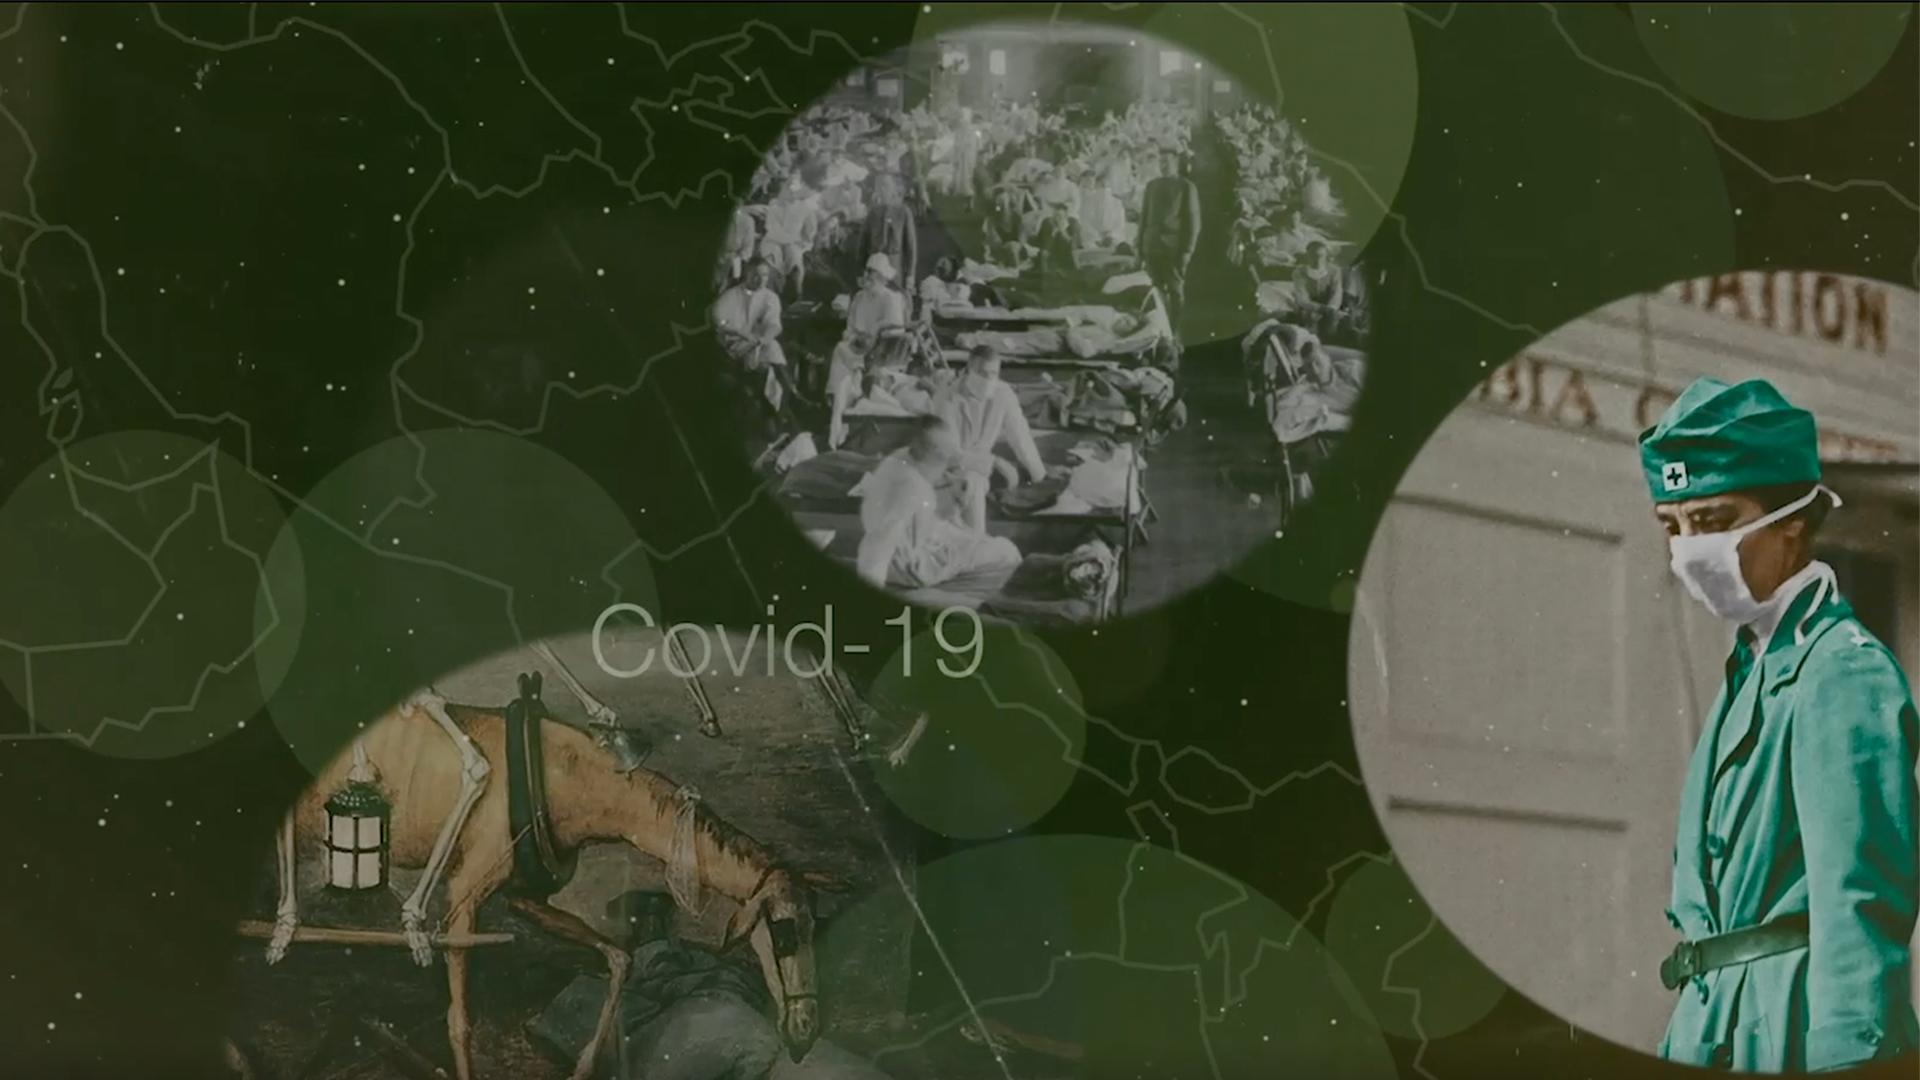 Collage von Covid19 mit geschichtlichen Motiven